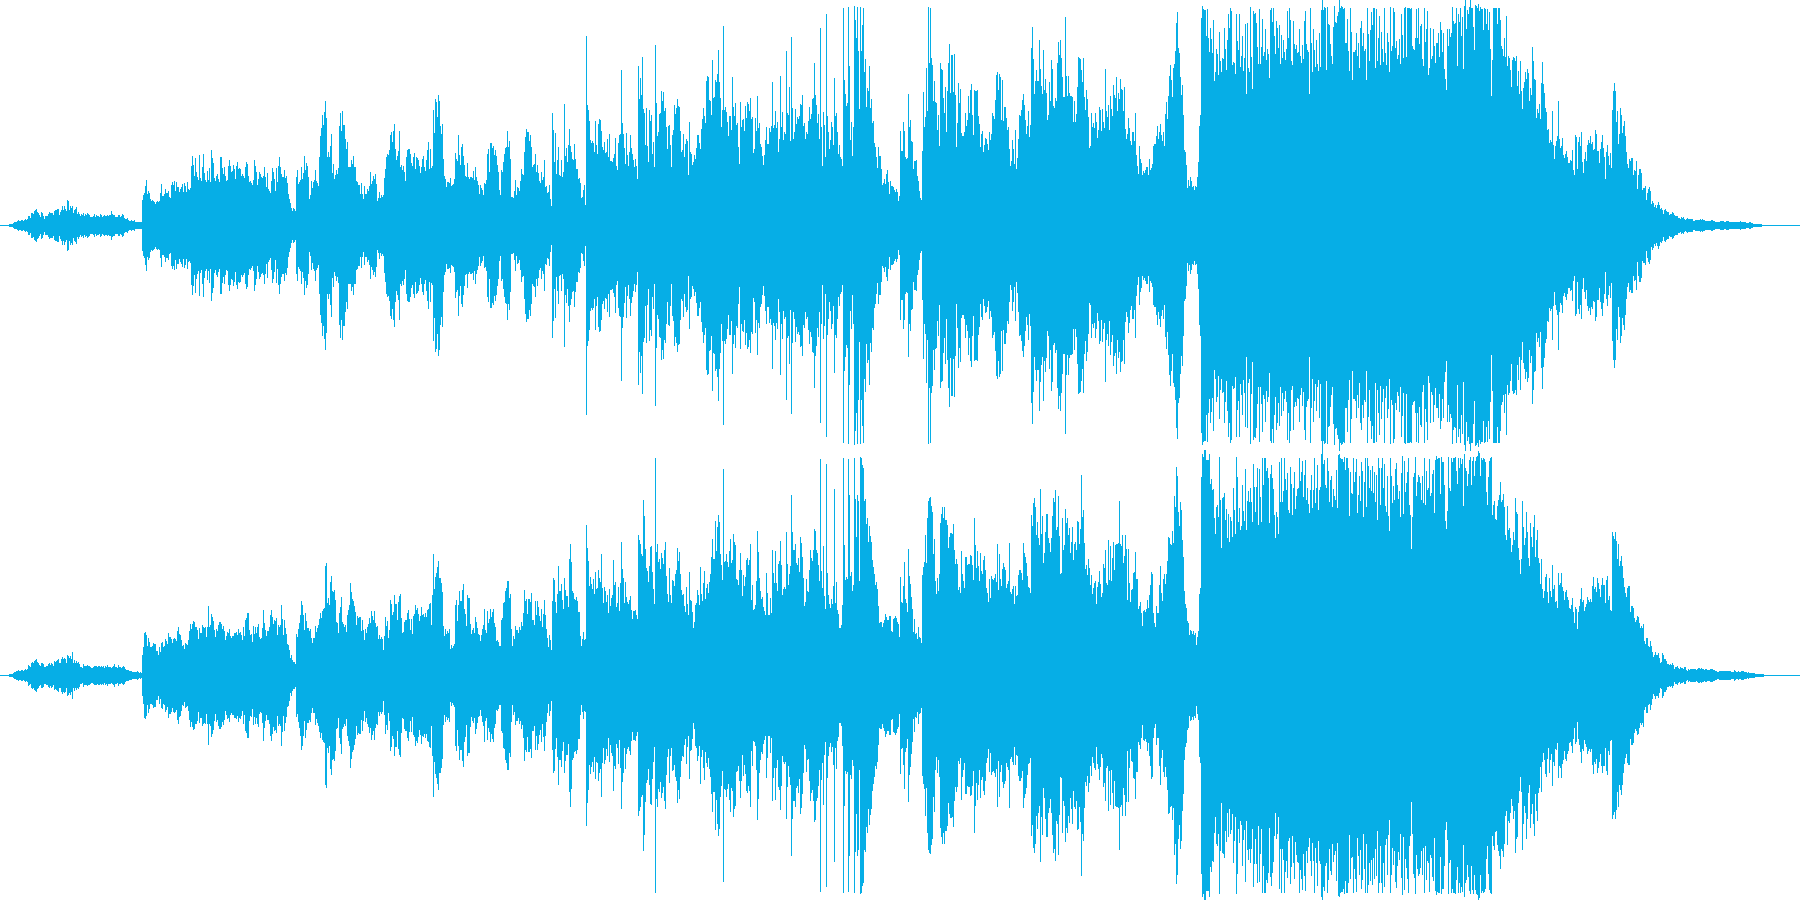 幻想的なイメージのBGMの再生済みの波形